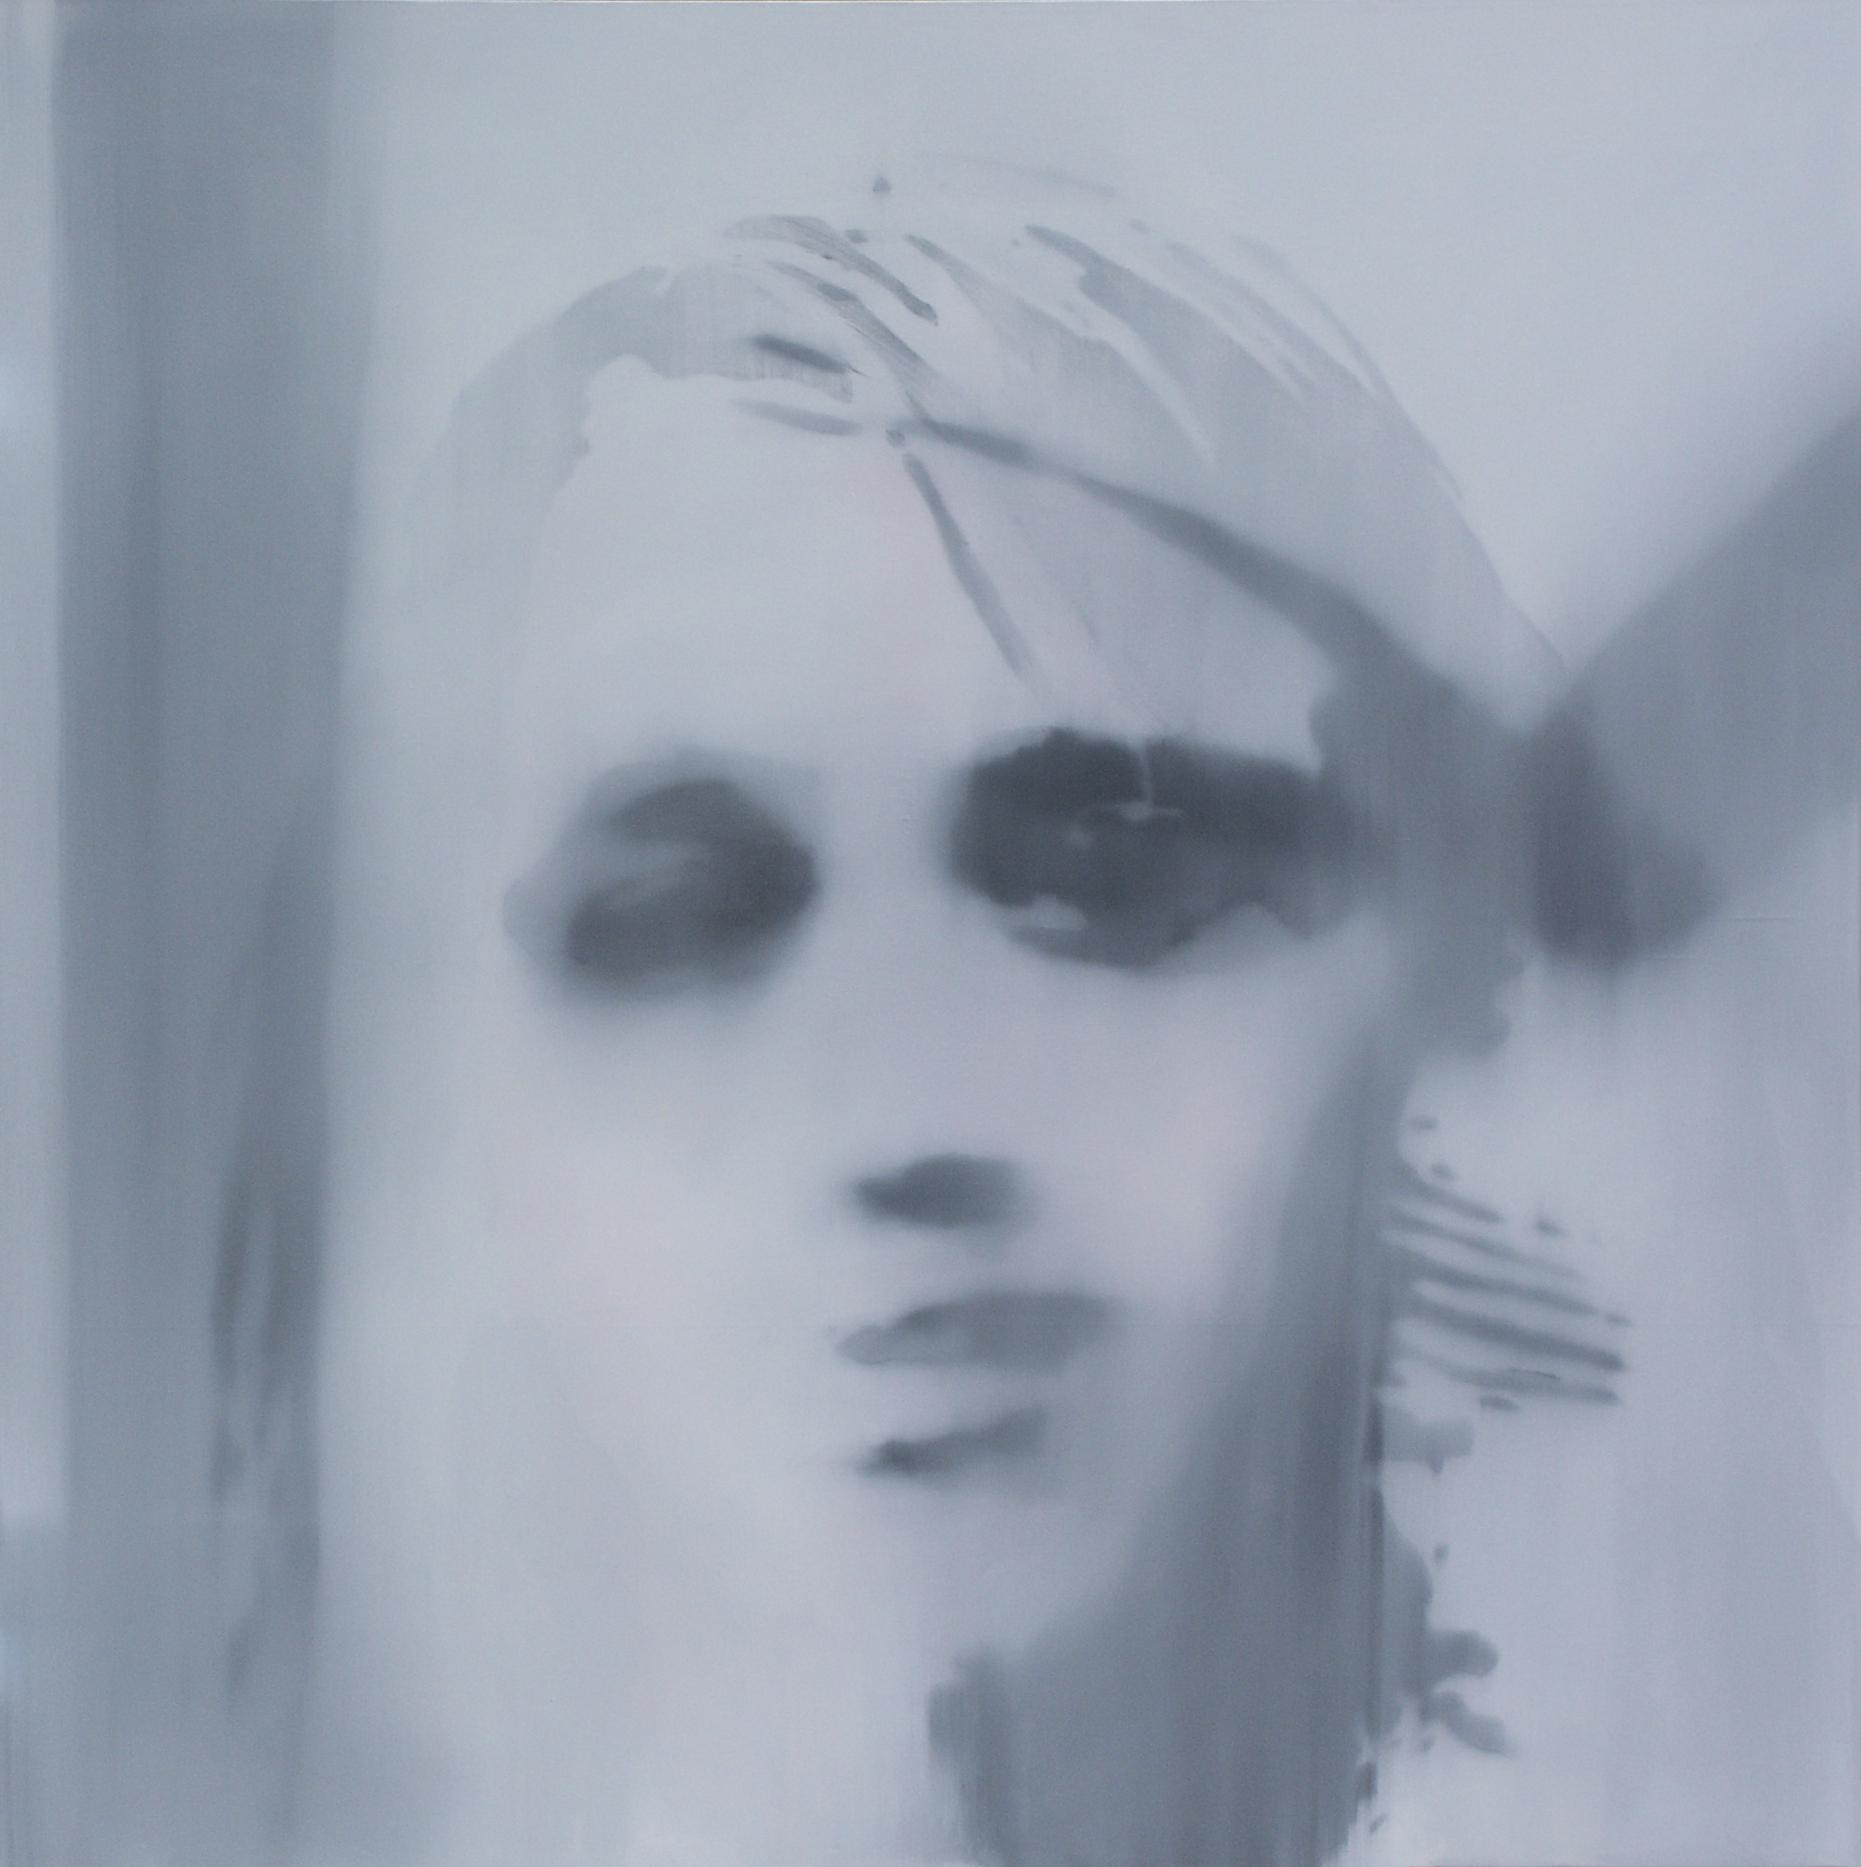 Kopie von 0720005 2007 Öl-Leinwand 200 x 200 cm